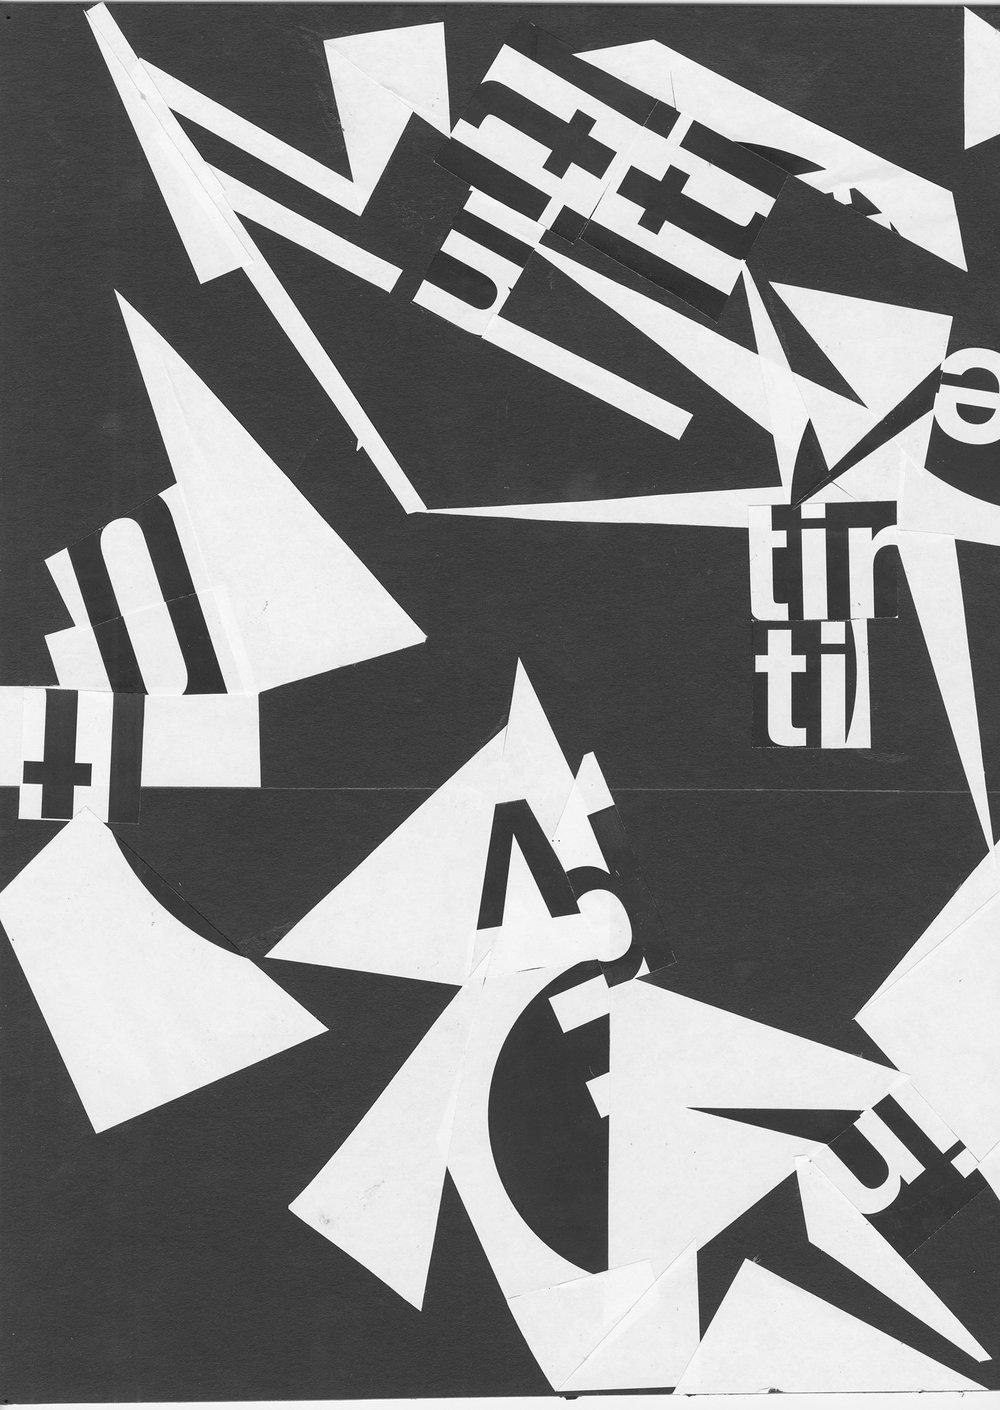 Typographic collage